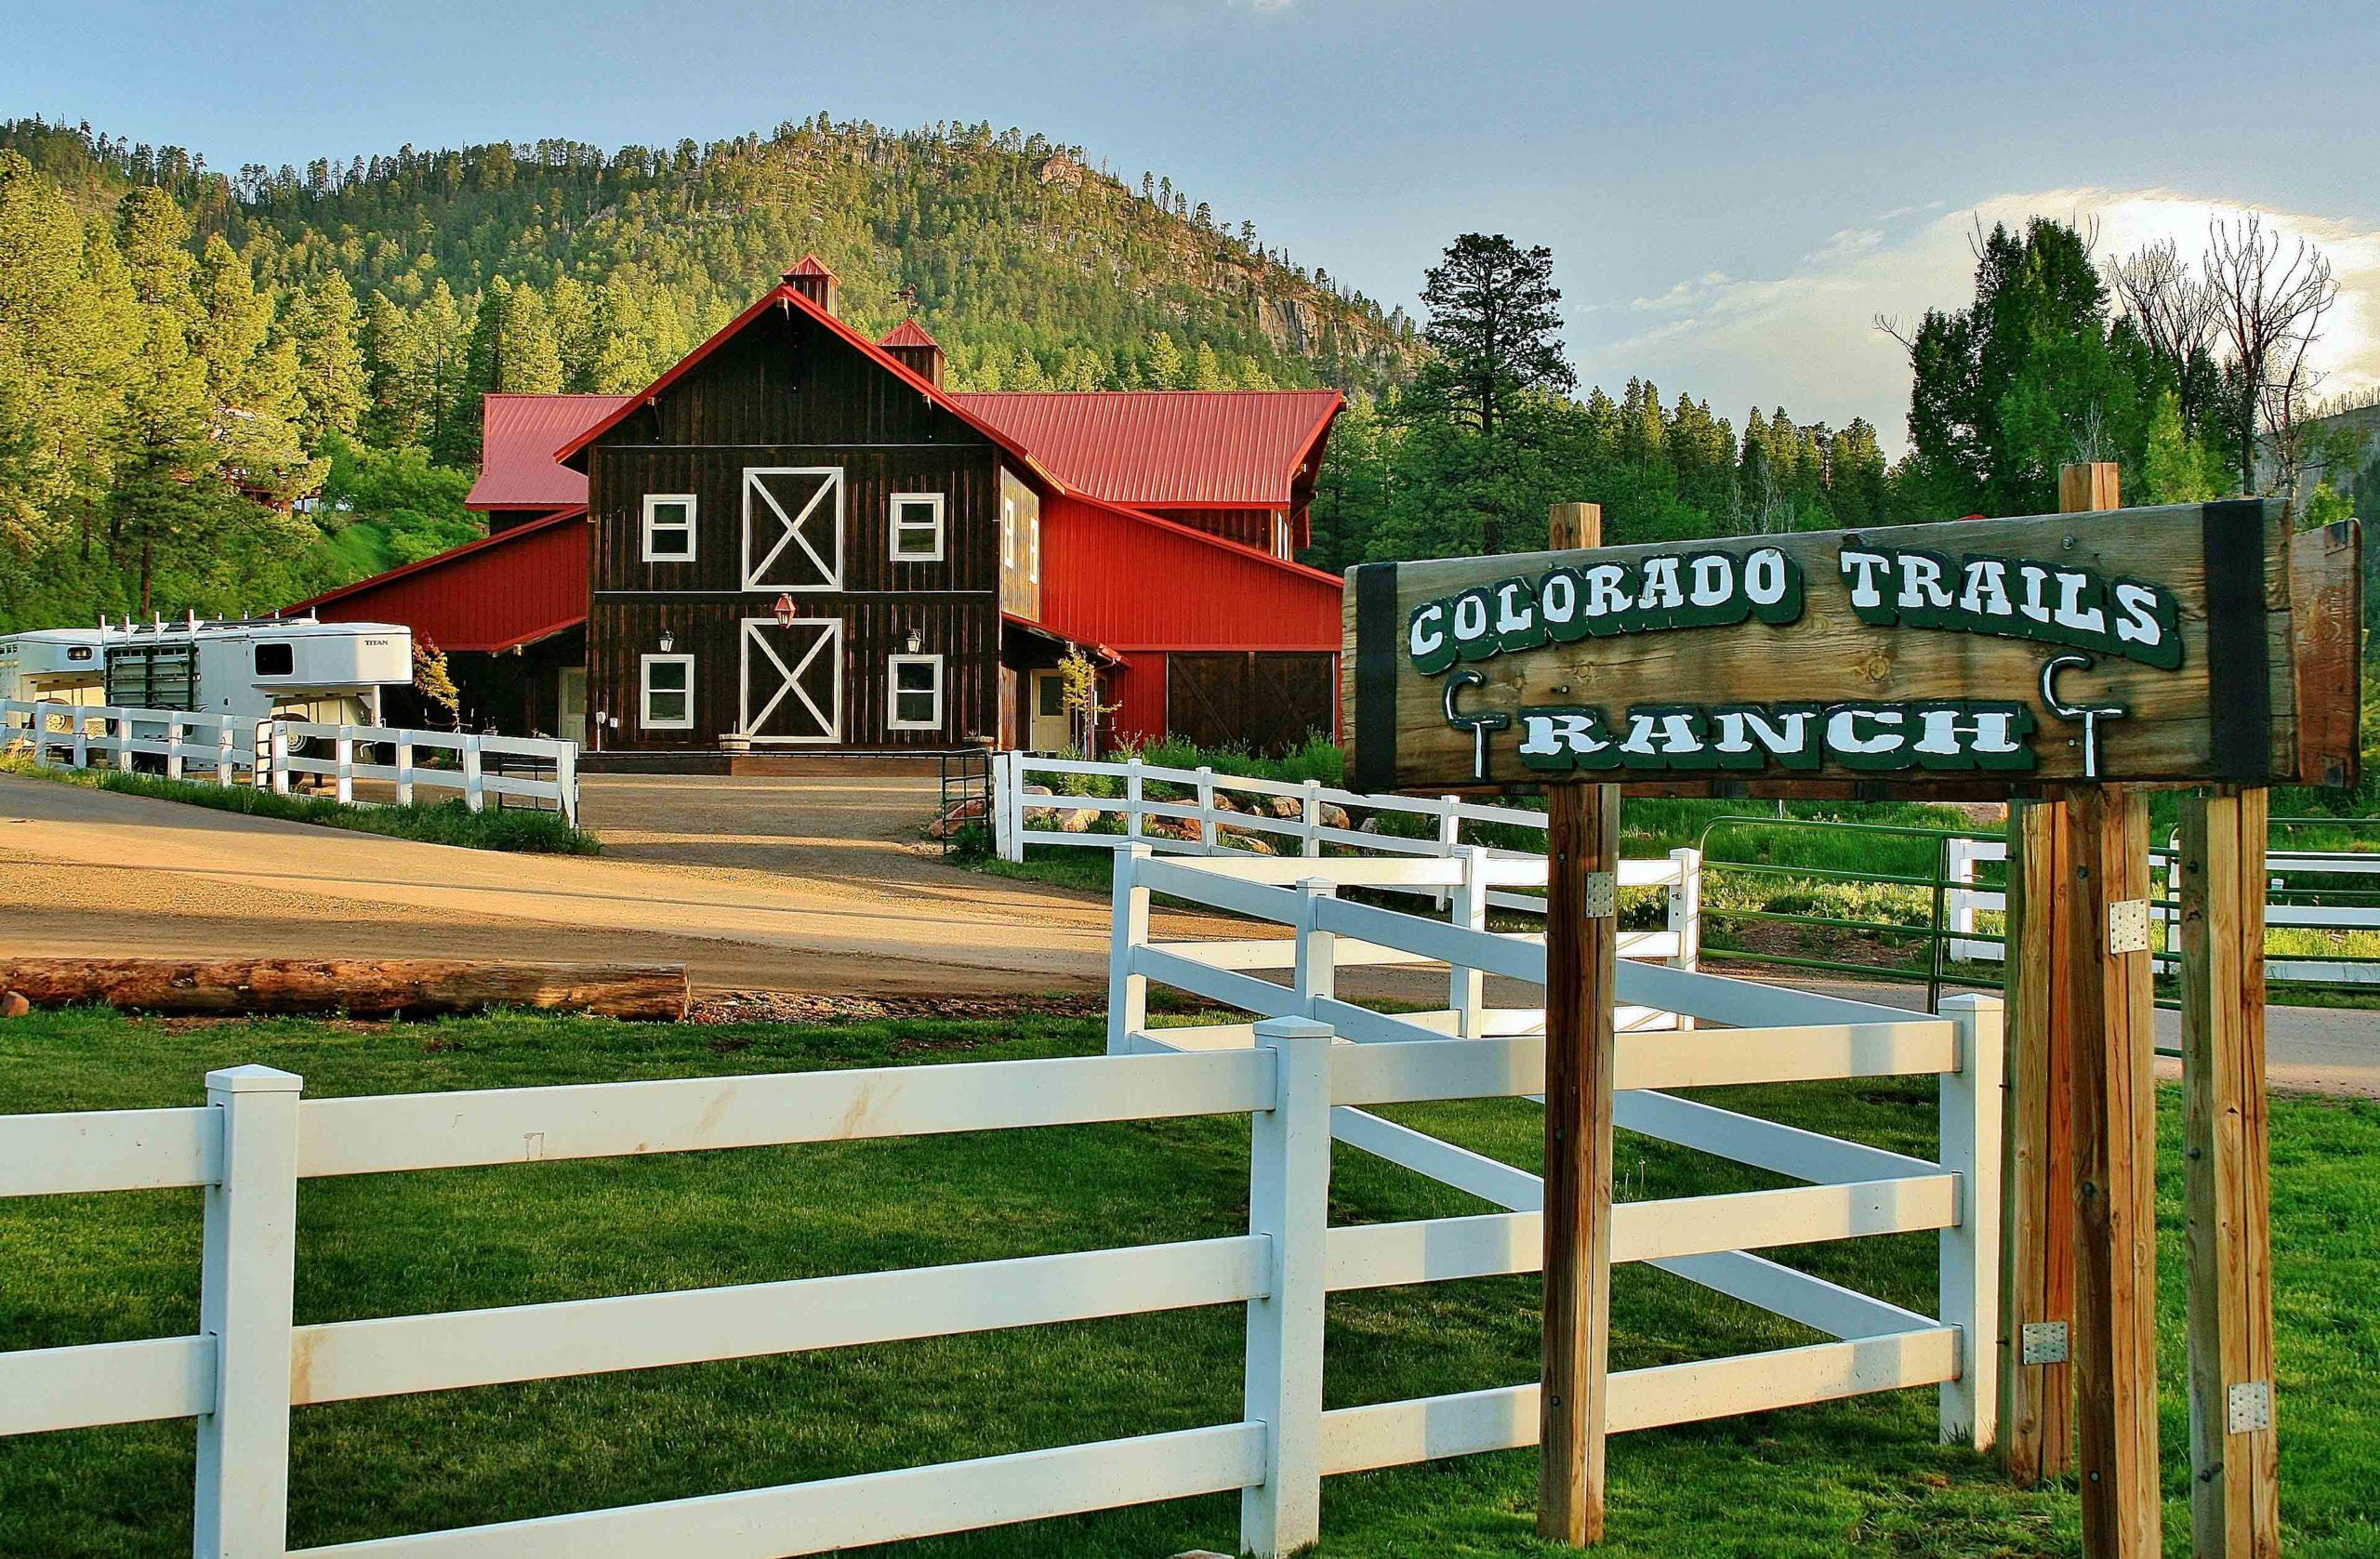 Colorado Trails Summer Vacation Dude Ranch